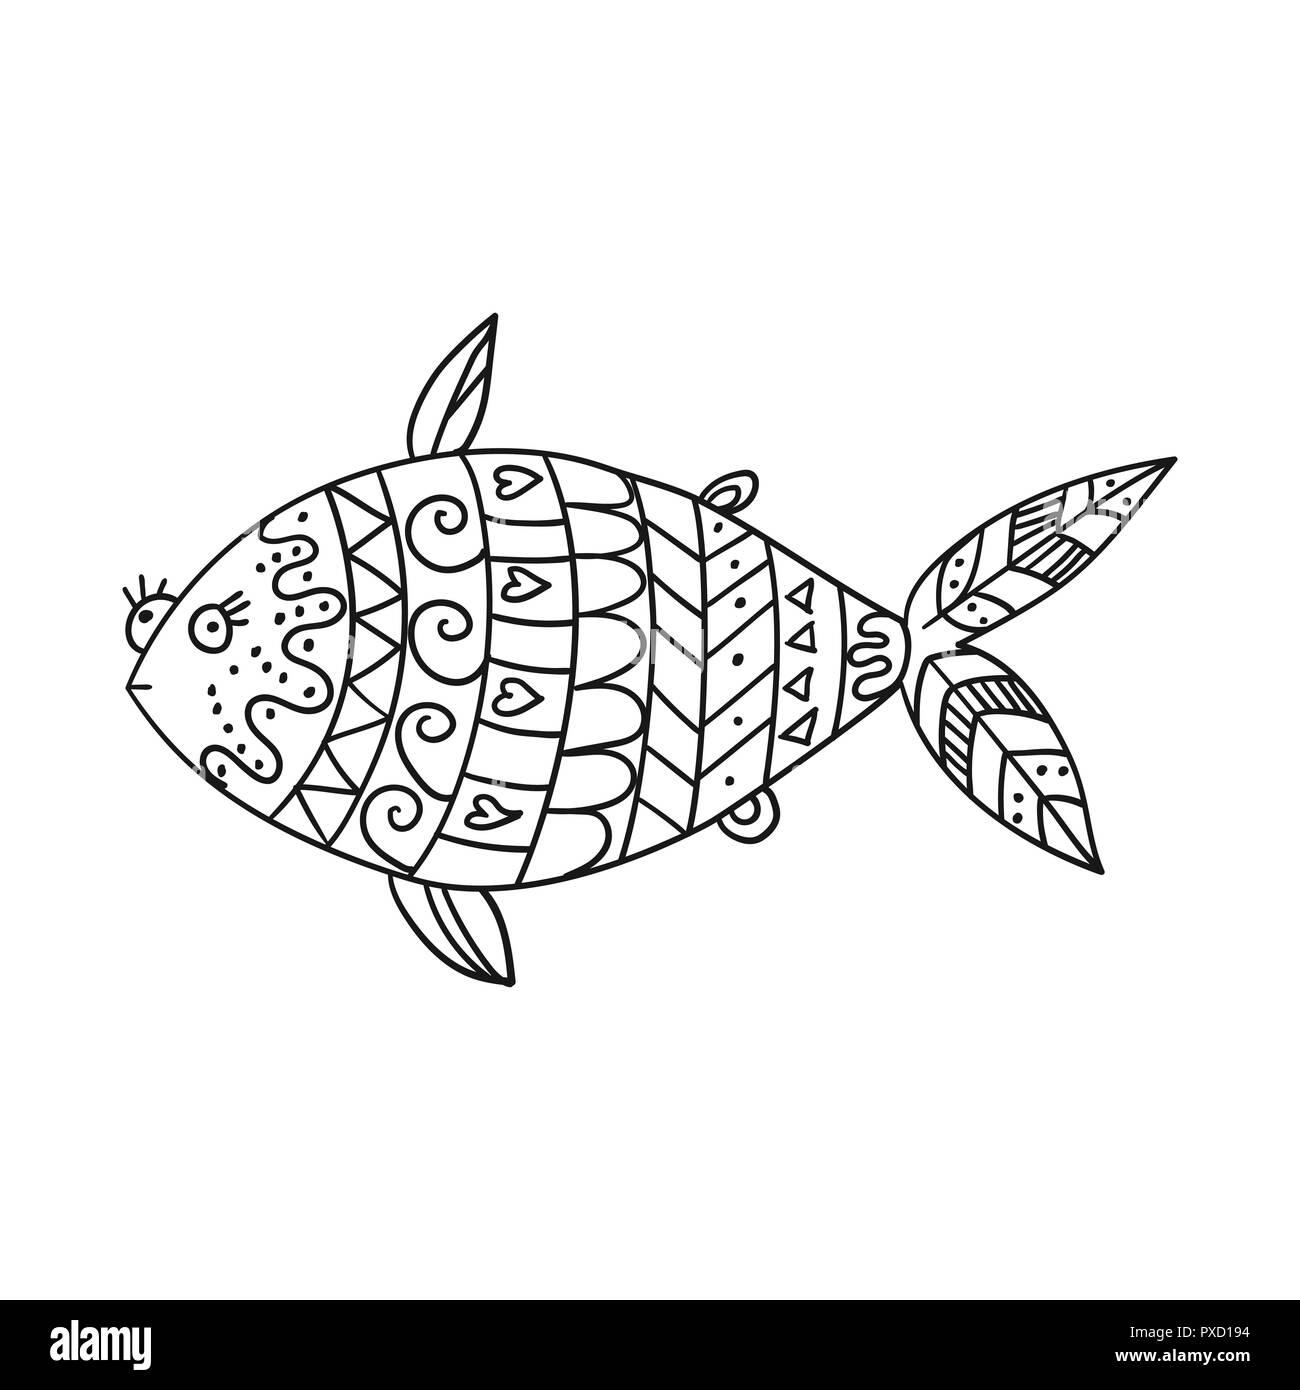 Pesce Stilizzato Isolati Su Sfondo Bianco Freehand Pesci